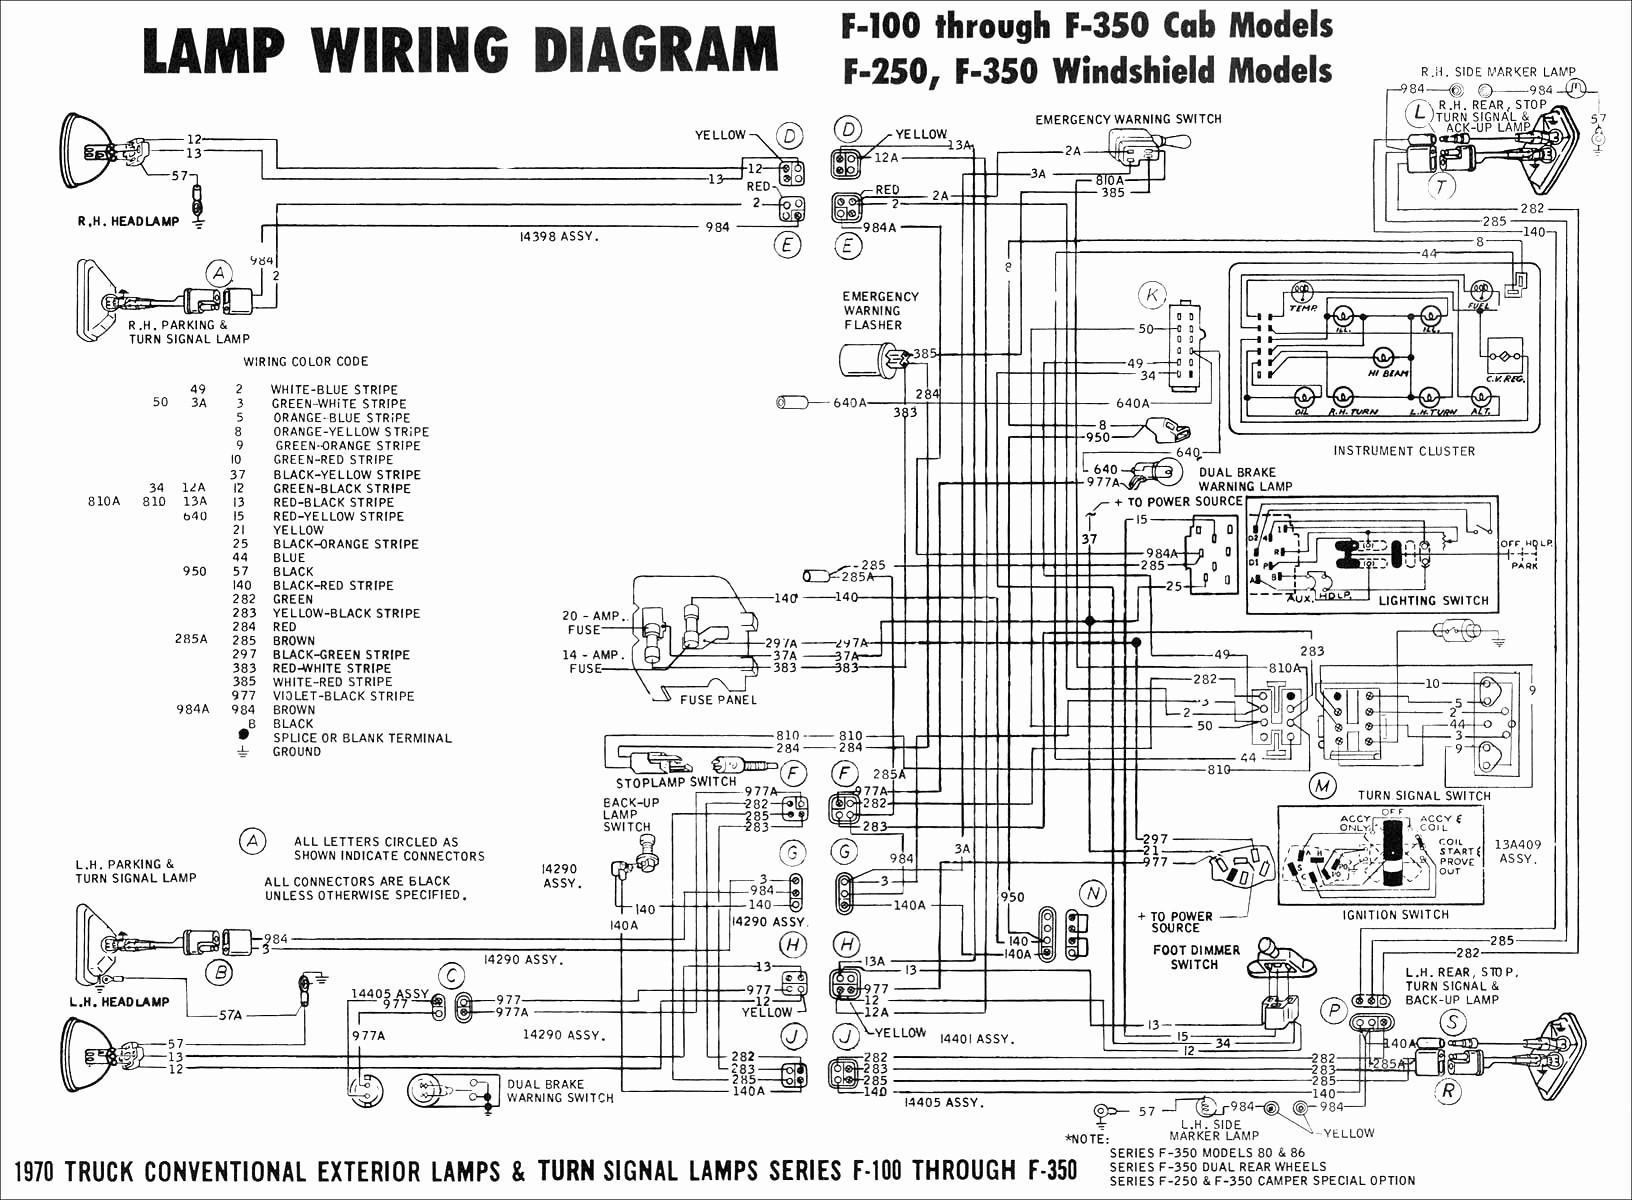 GY_7479] Lowrider Hydraulic Switch Wiring Diagram Schematic Wiring | Wrecker Hydraulic Wiring Diagram |  | Magn Jidig Inama Mohammedshrine Librar Wiring 101